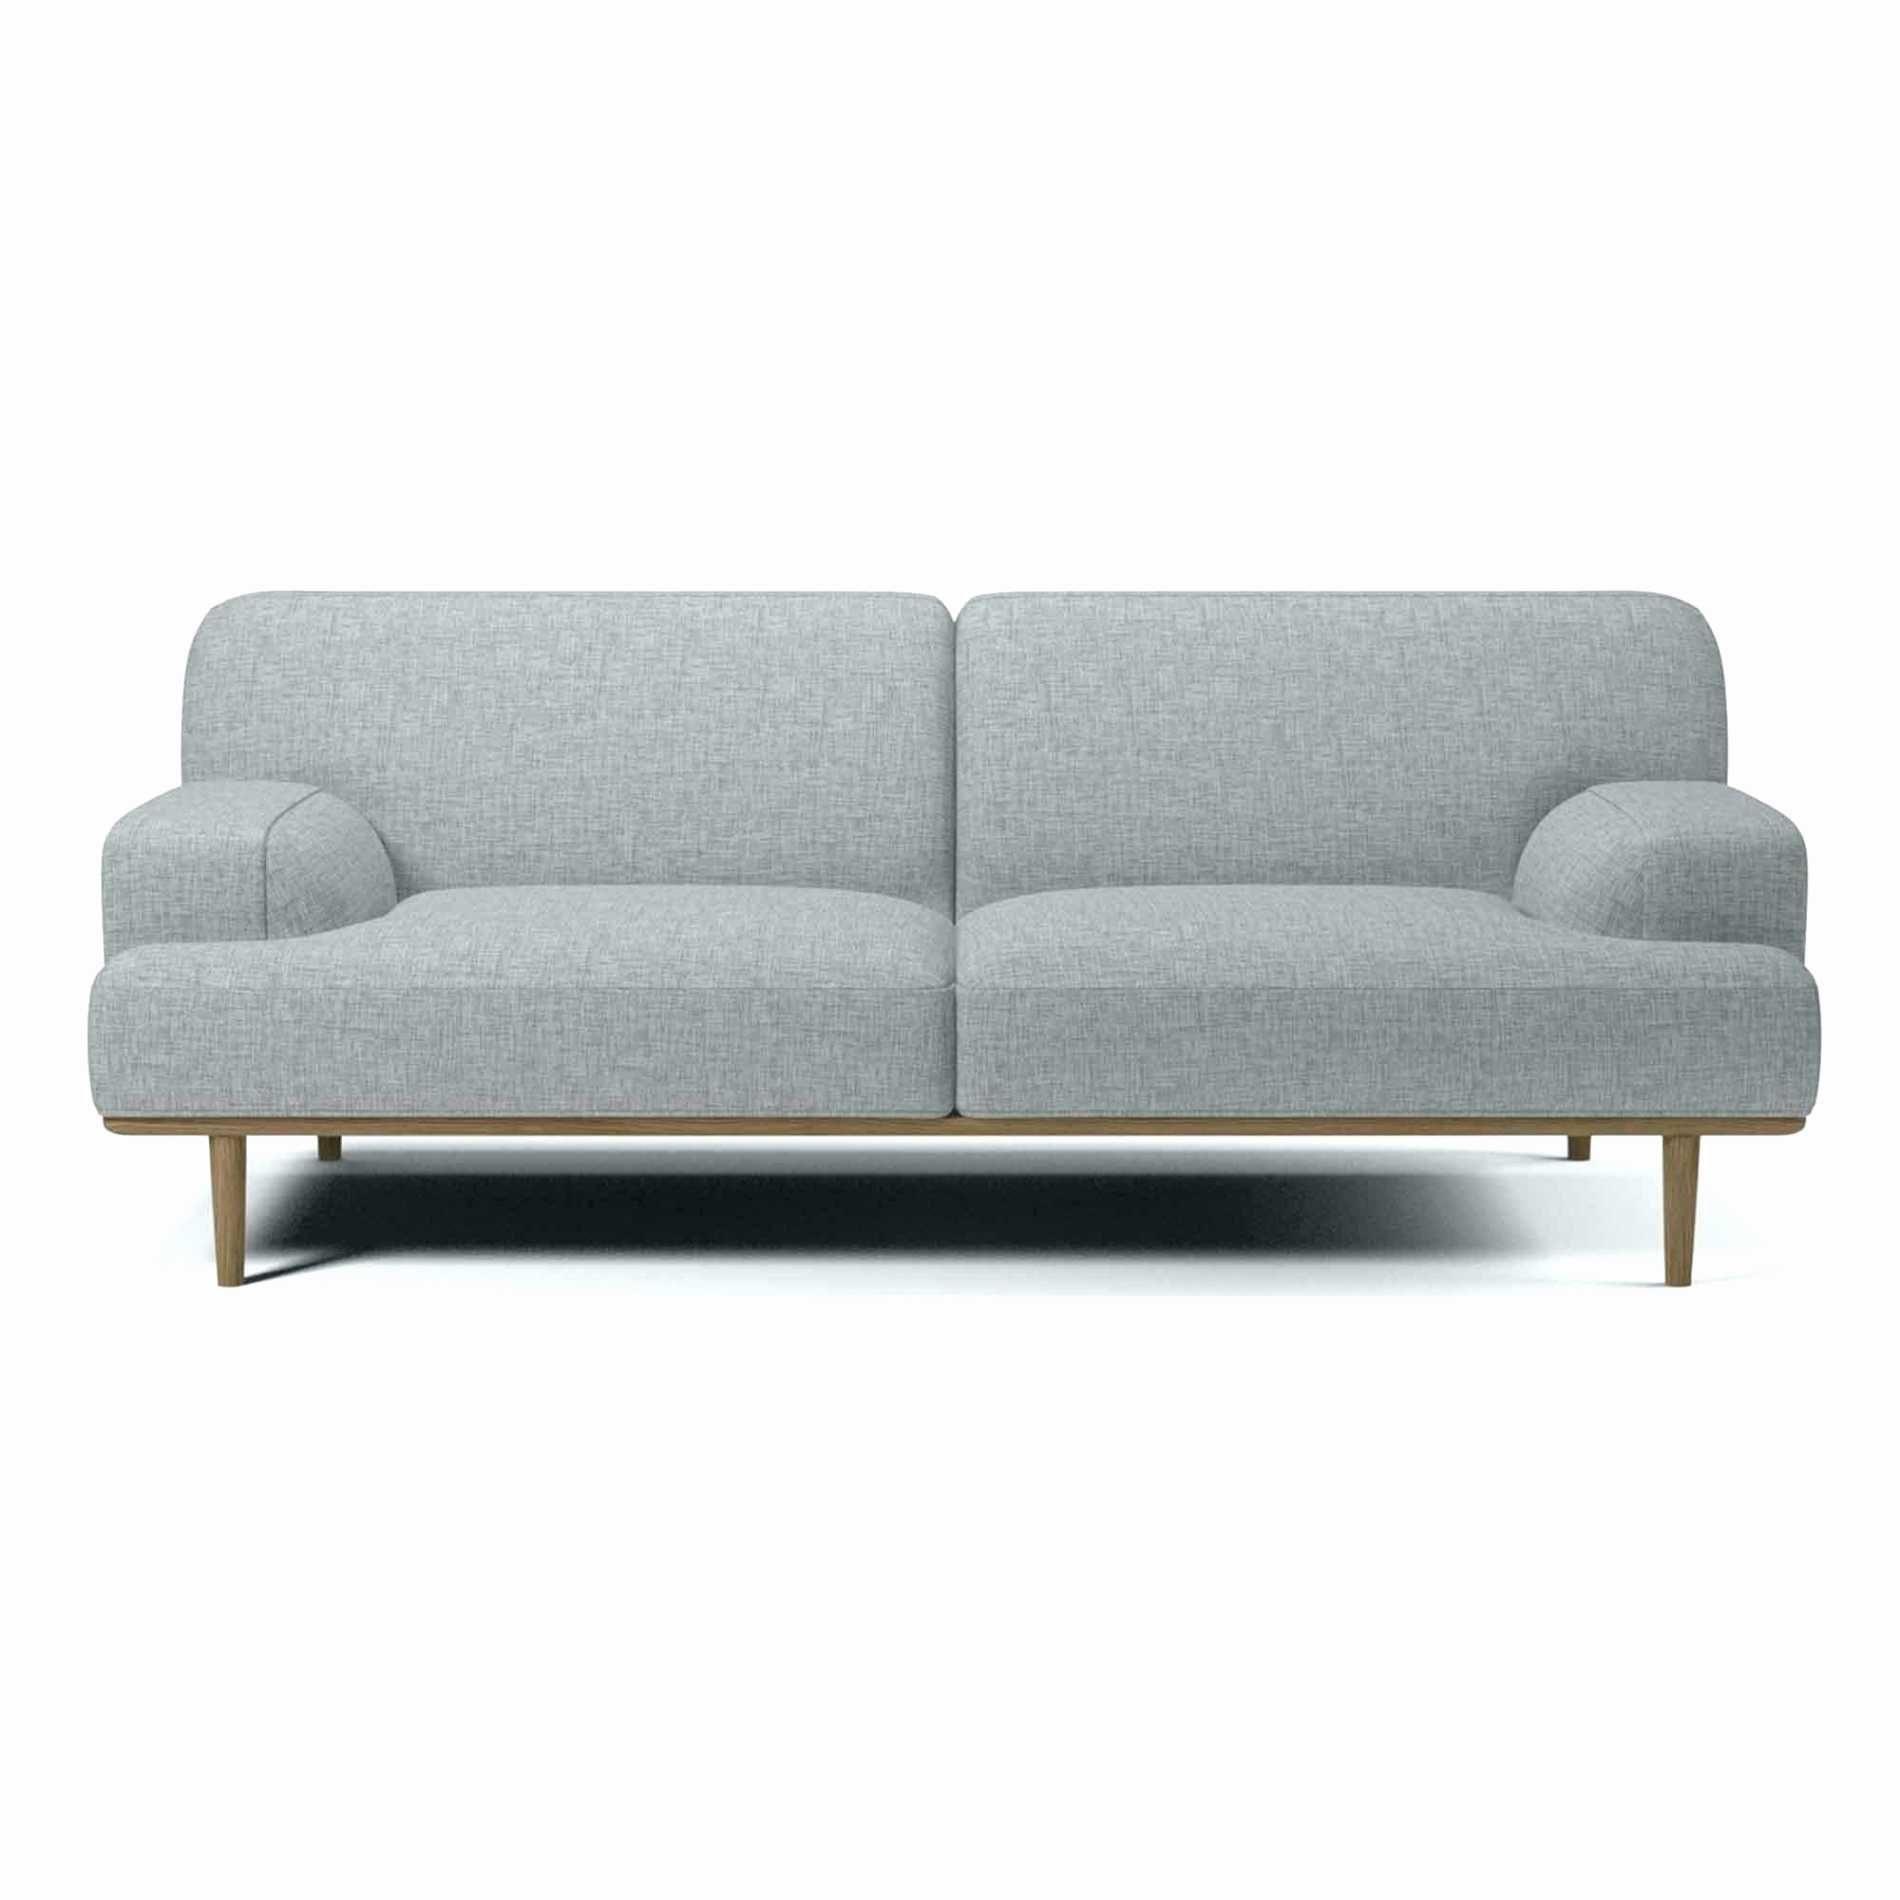 Lit Convertible 1 Place Luxe élégant Canapé Lit 1 Place Conforama Ou 45 Idées Canapé Convertible